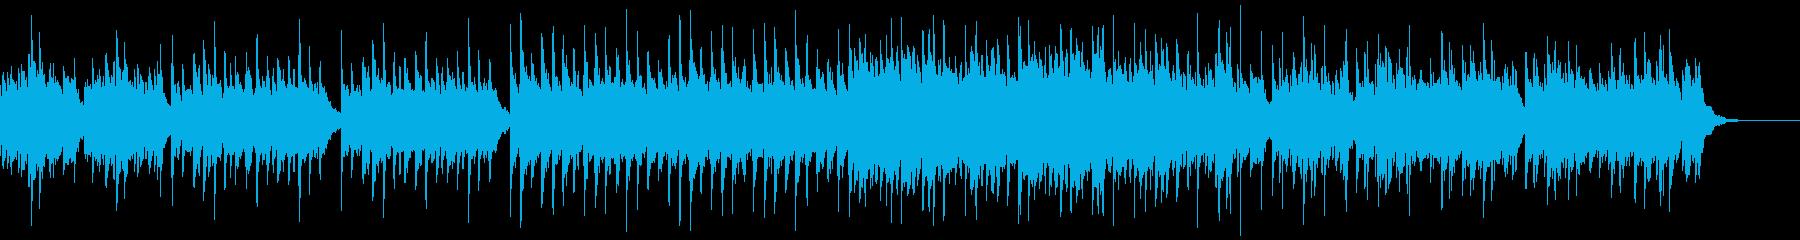 やさしい癒し系ピアノの再生済みの波形